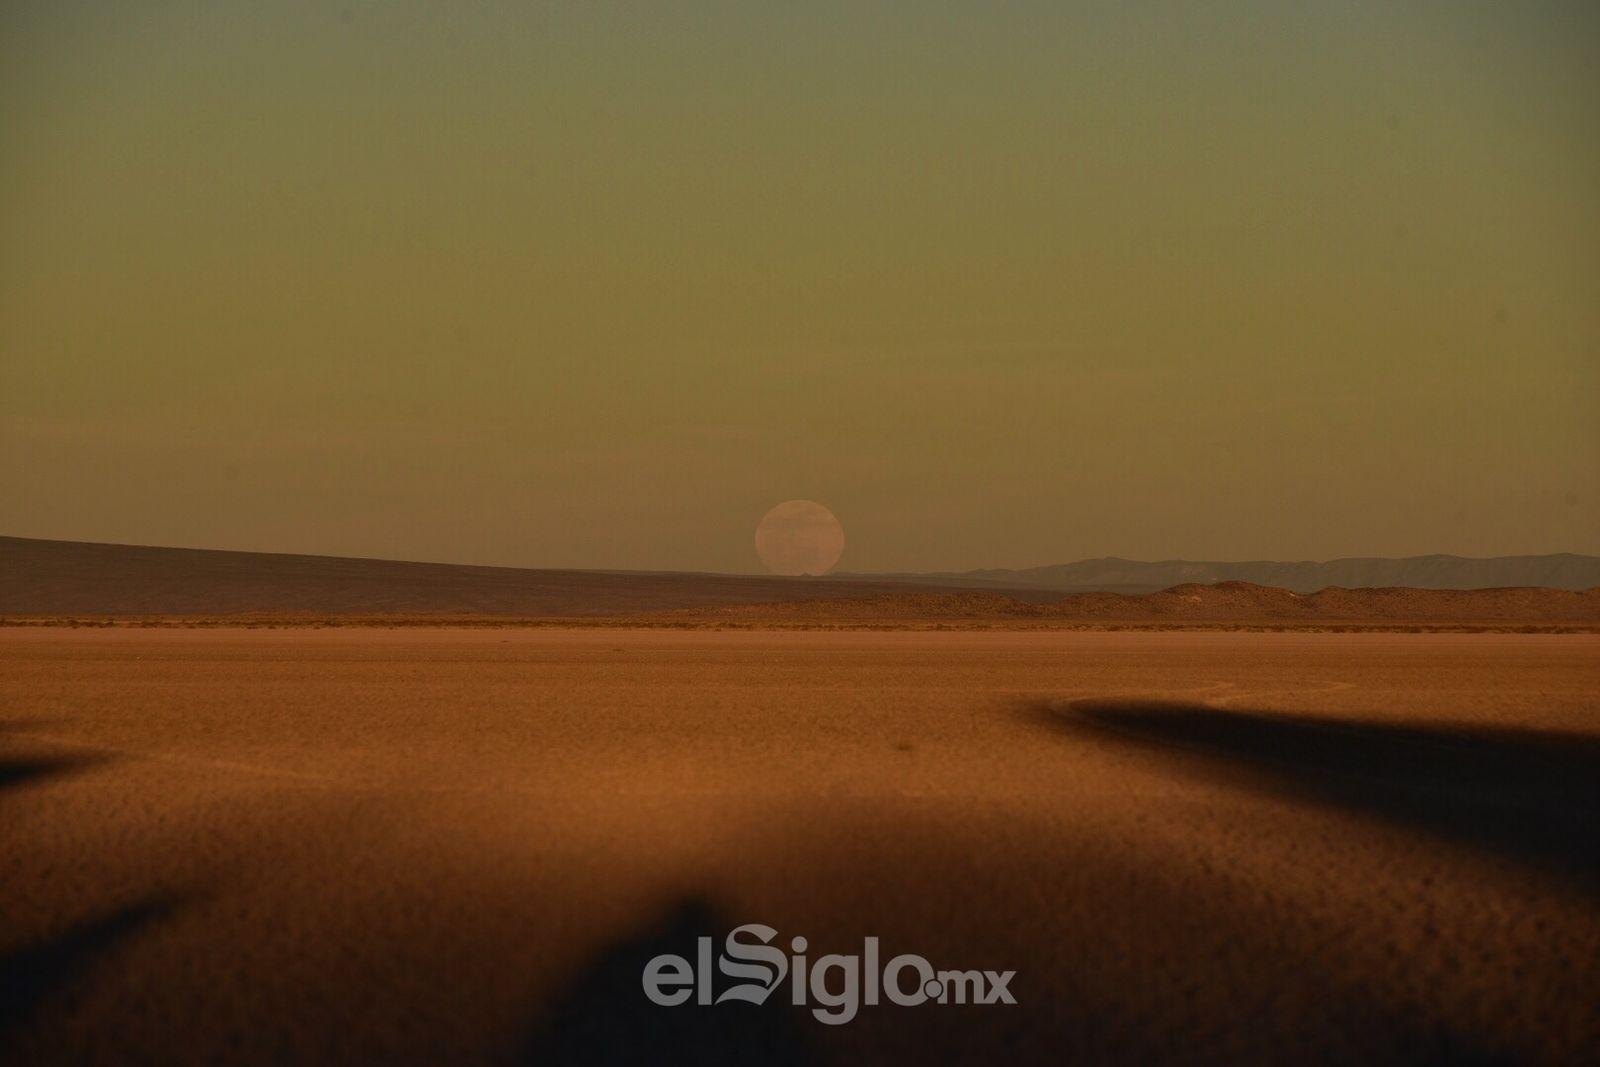 Este domingo ocurrirá un eclipse lunar que podrá observarse en todo el país.